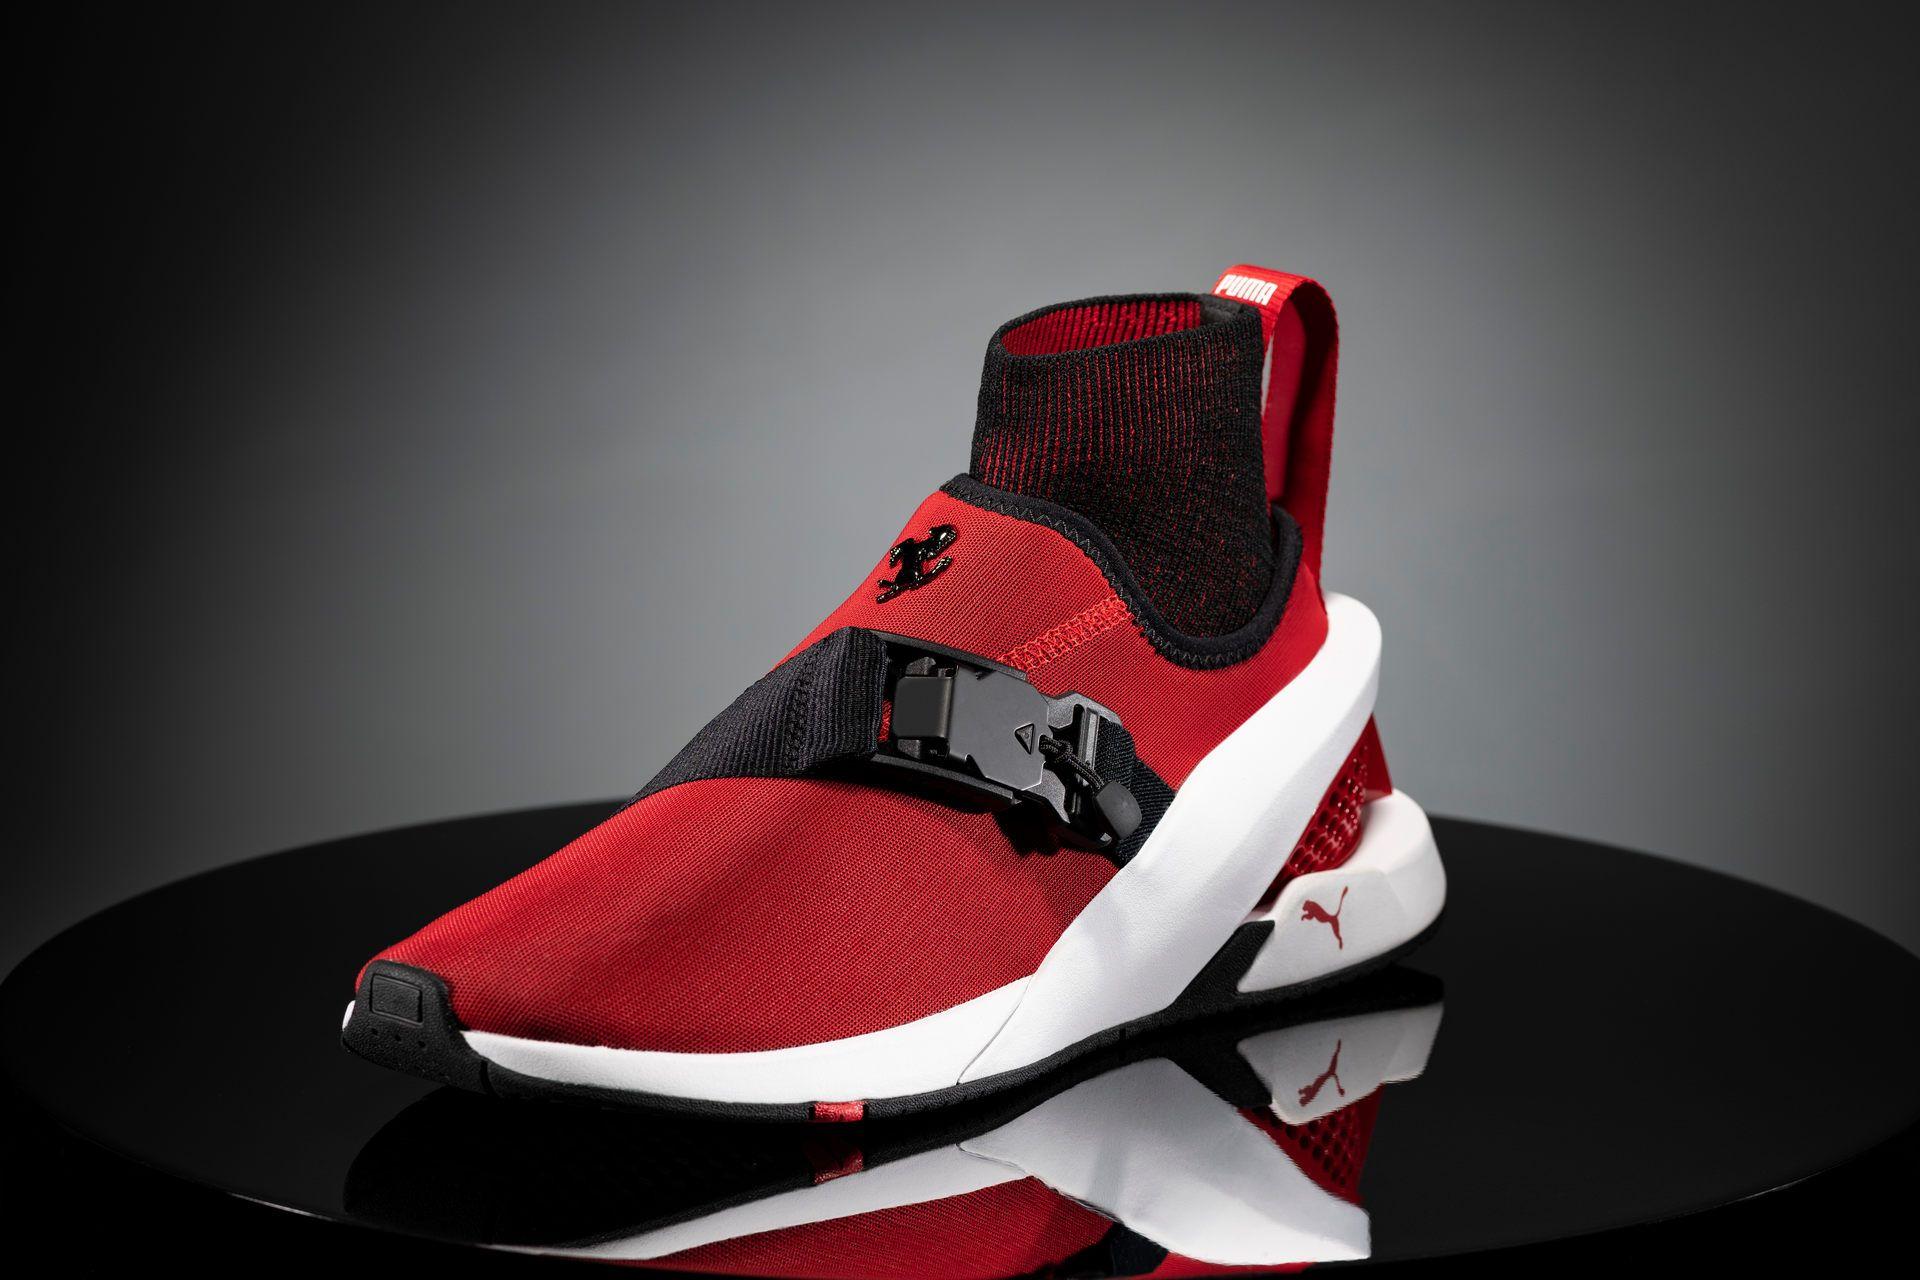 Puma-x-Ferrari-ION-F-Sneakers-1